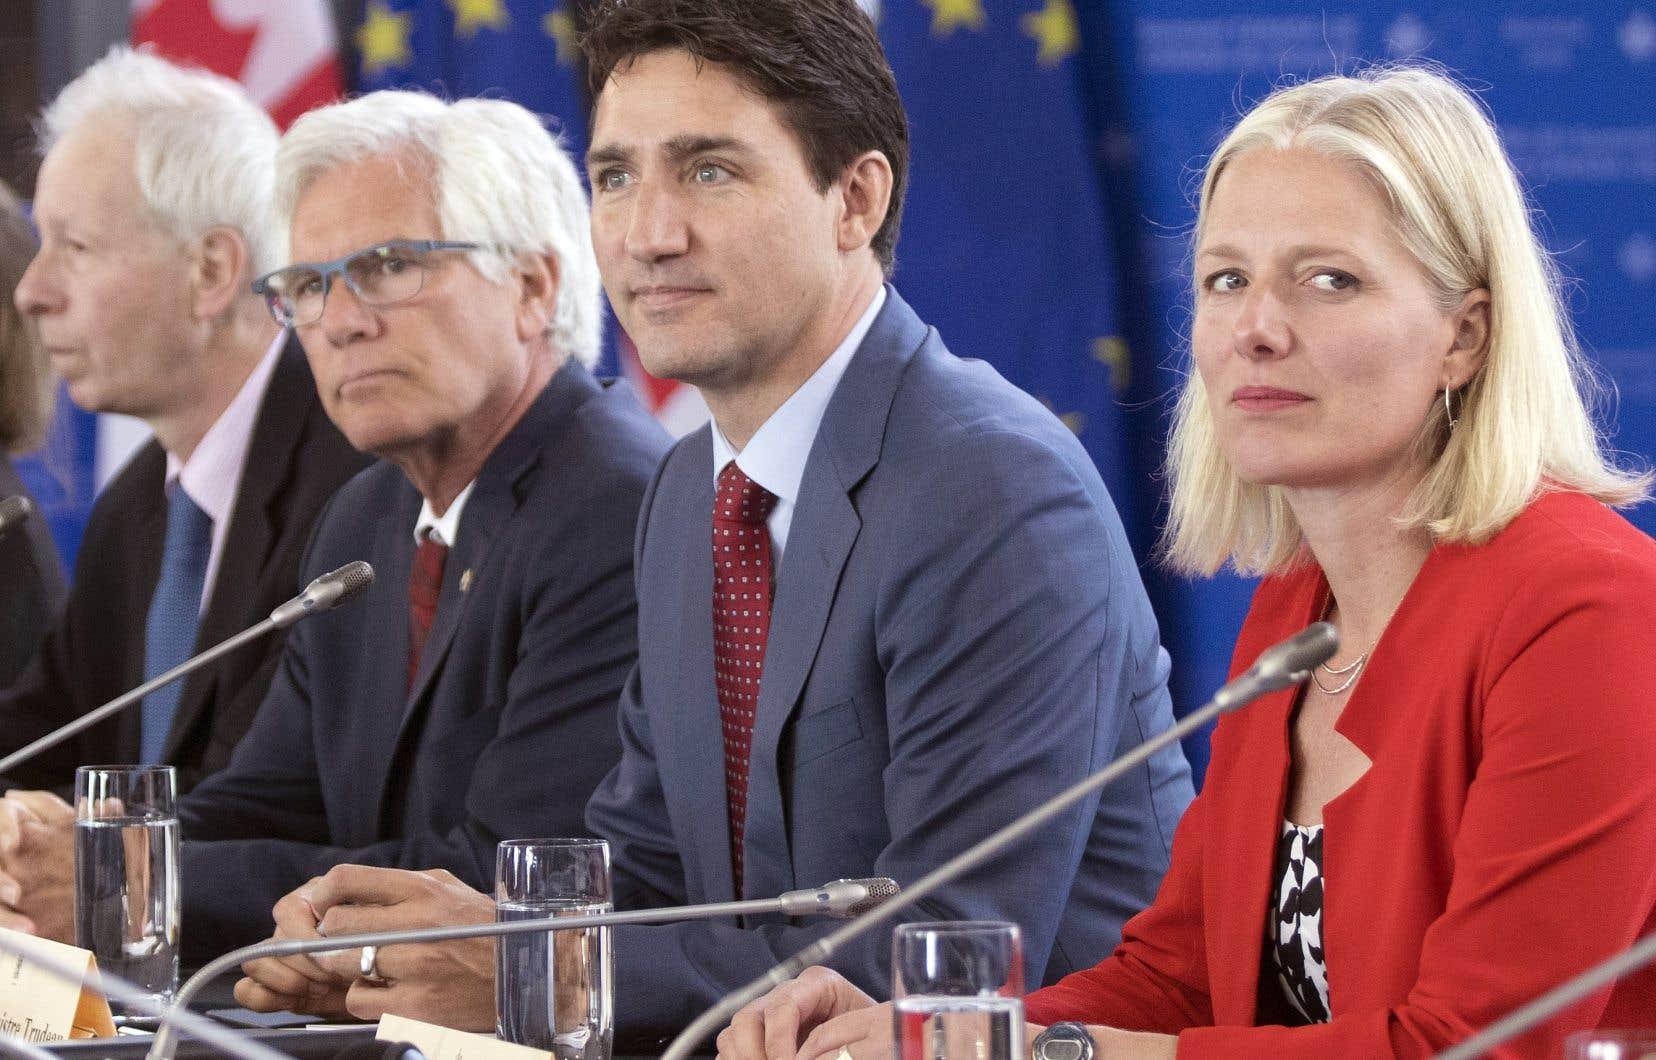 Le premier ministre canadien a admis que les entreprises européennes semblaient avoir été plus rapides à saisir l'occasion d'augmenter leurs ventes au Canada, mais a ajouté que les exportateurs canadiens apprendront rapidement à en faire autant.